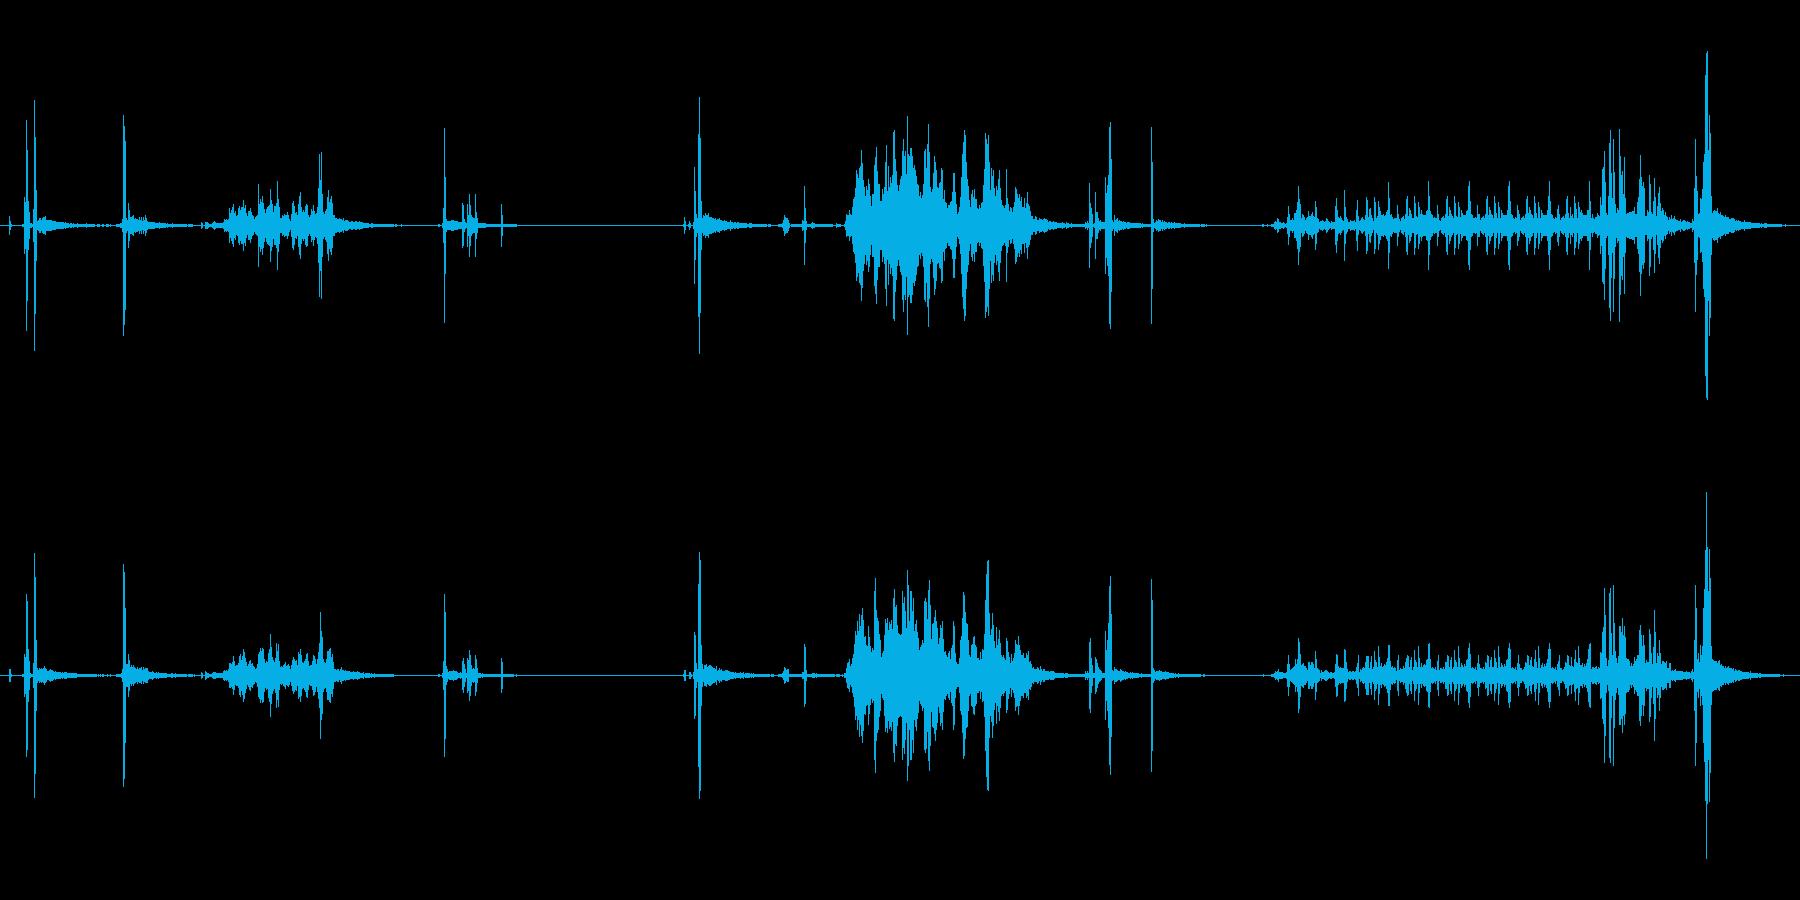 ペンシルシャープナー、マニュアル、...の再生済みの波形